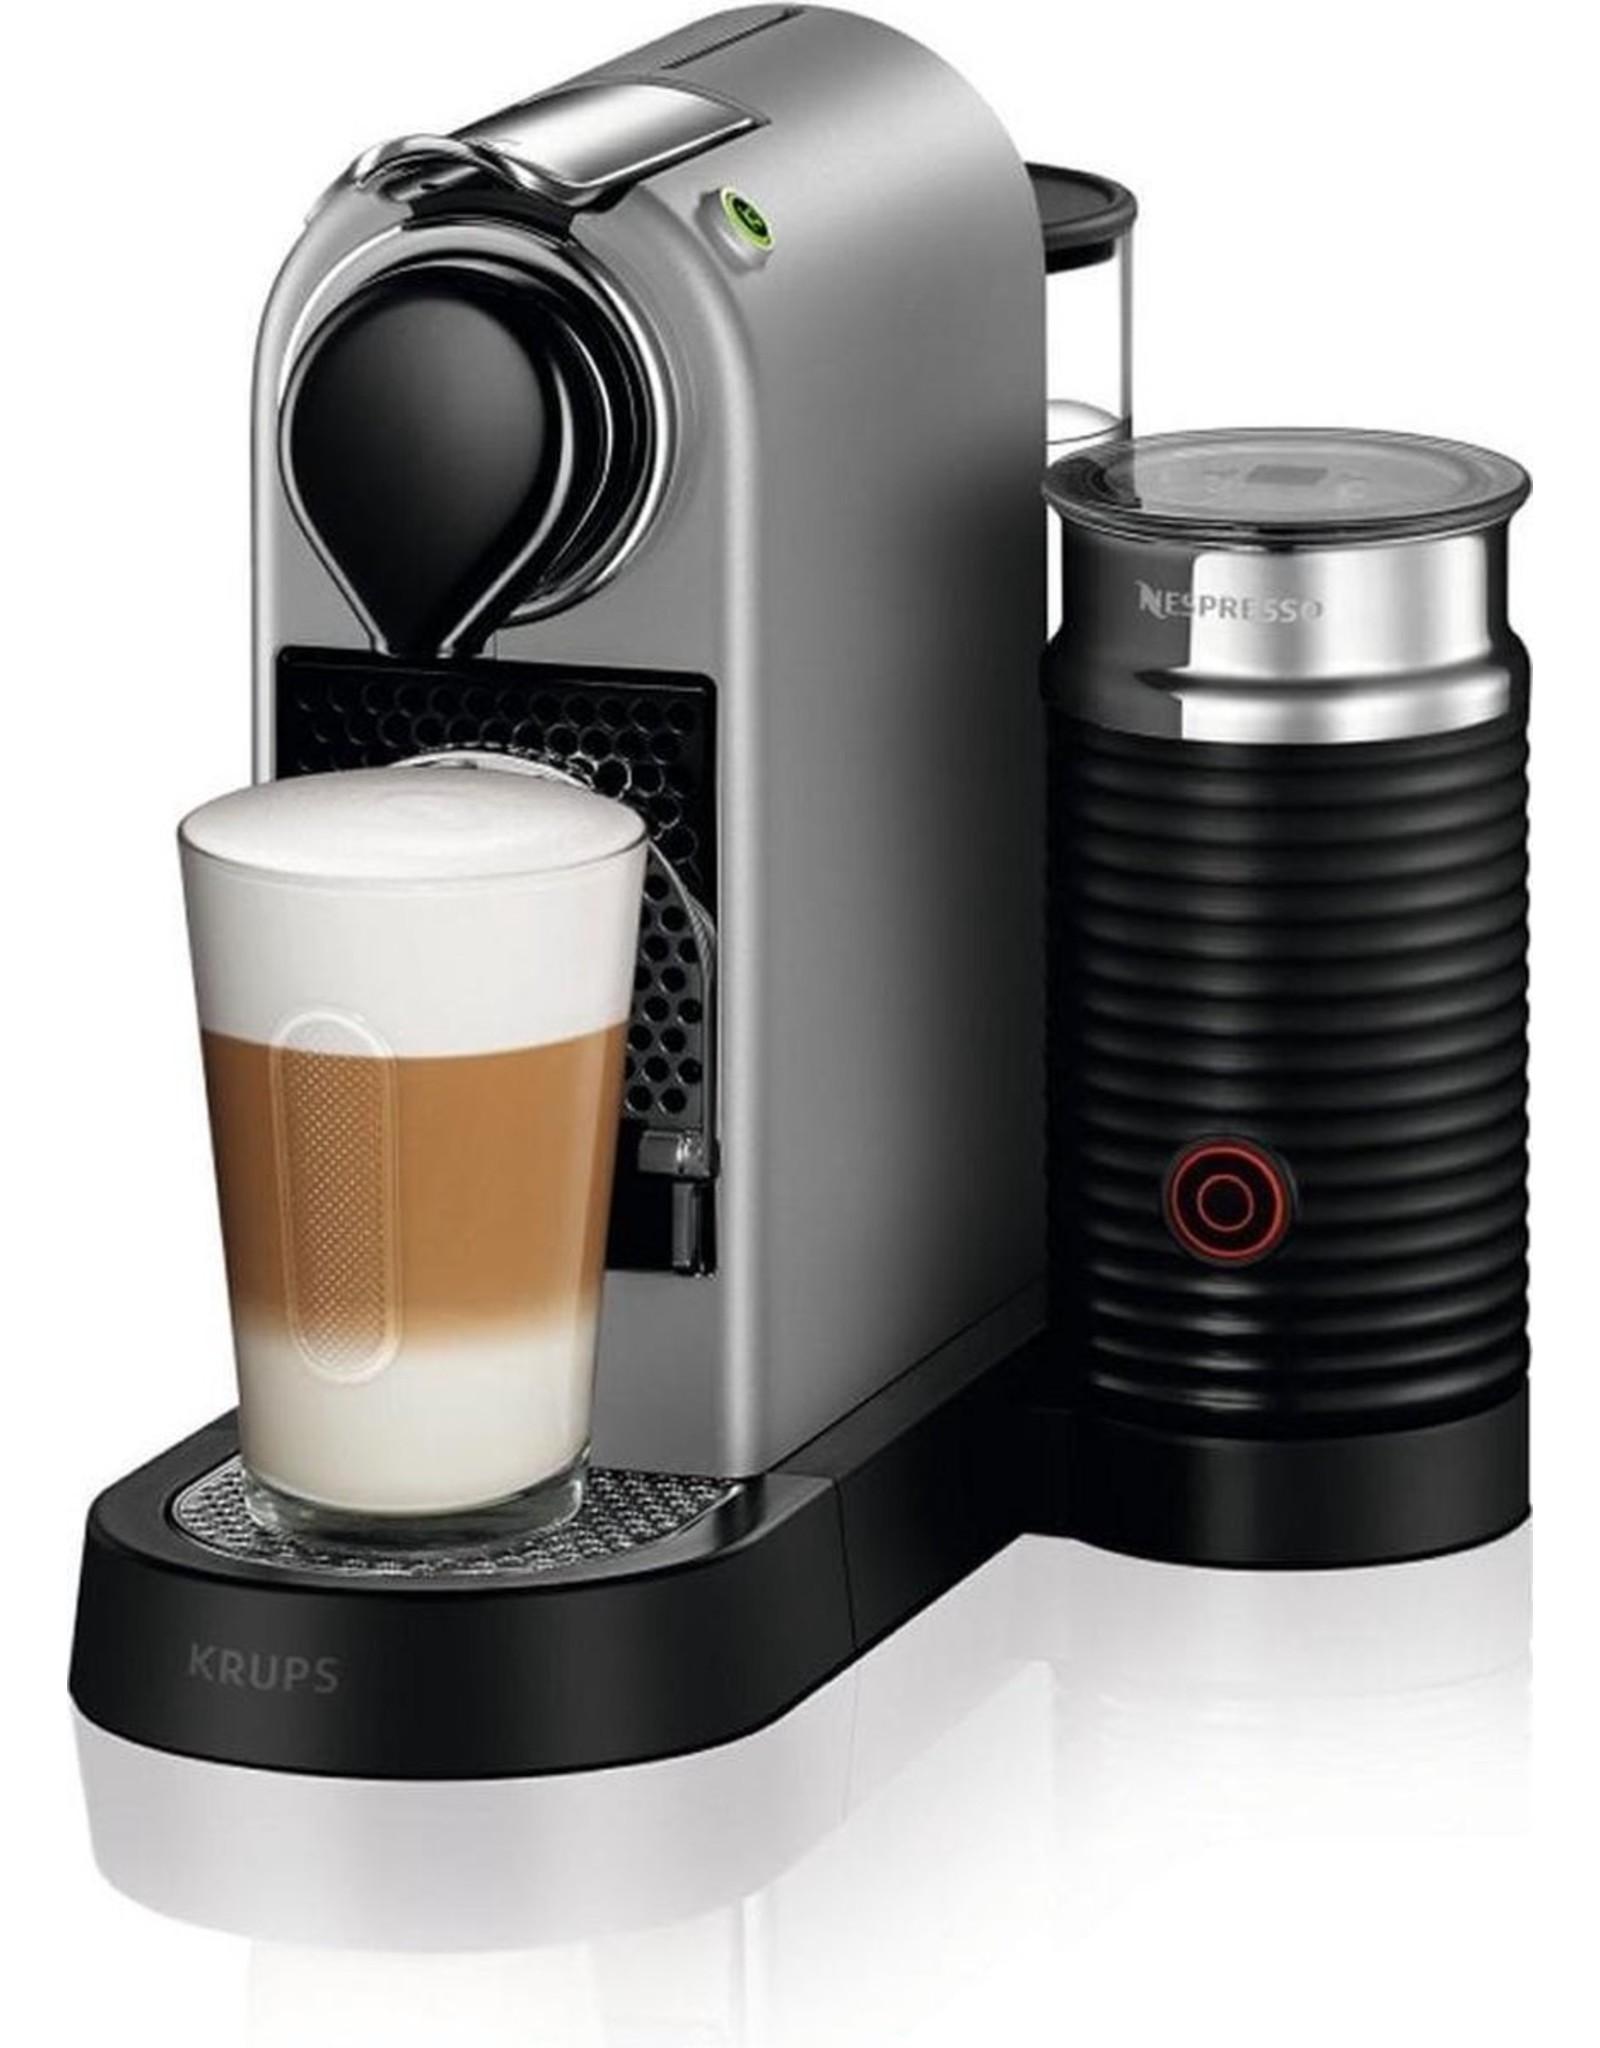 Krups Krups Nespresso Citiz & Milk XN761B10 - Koffiecupmachine - Zilver